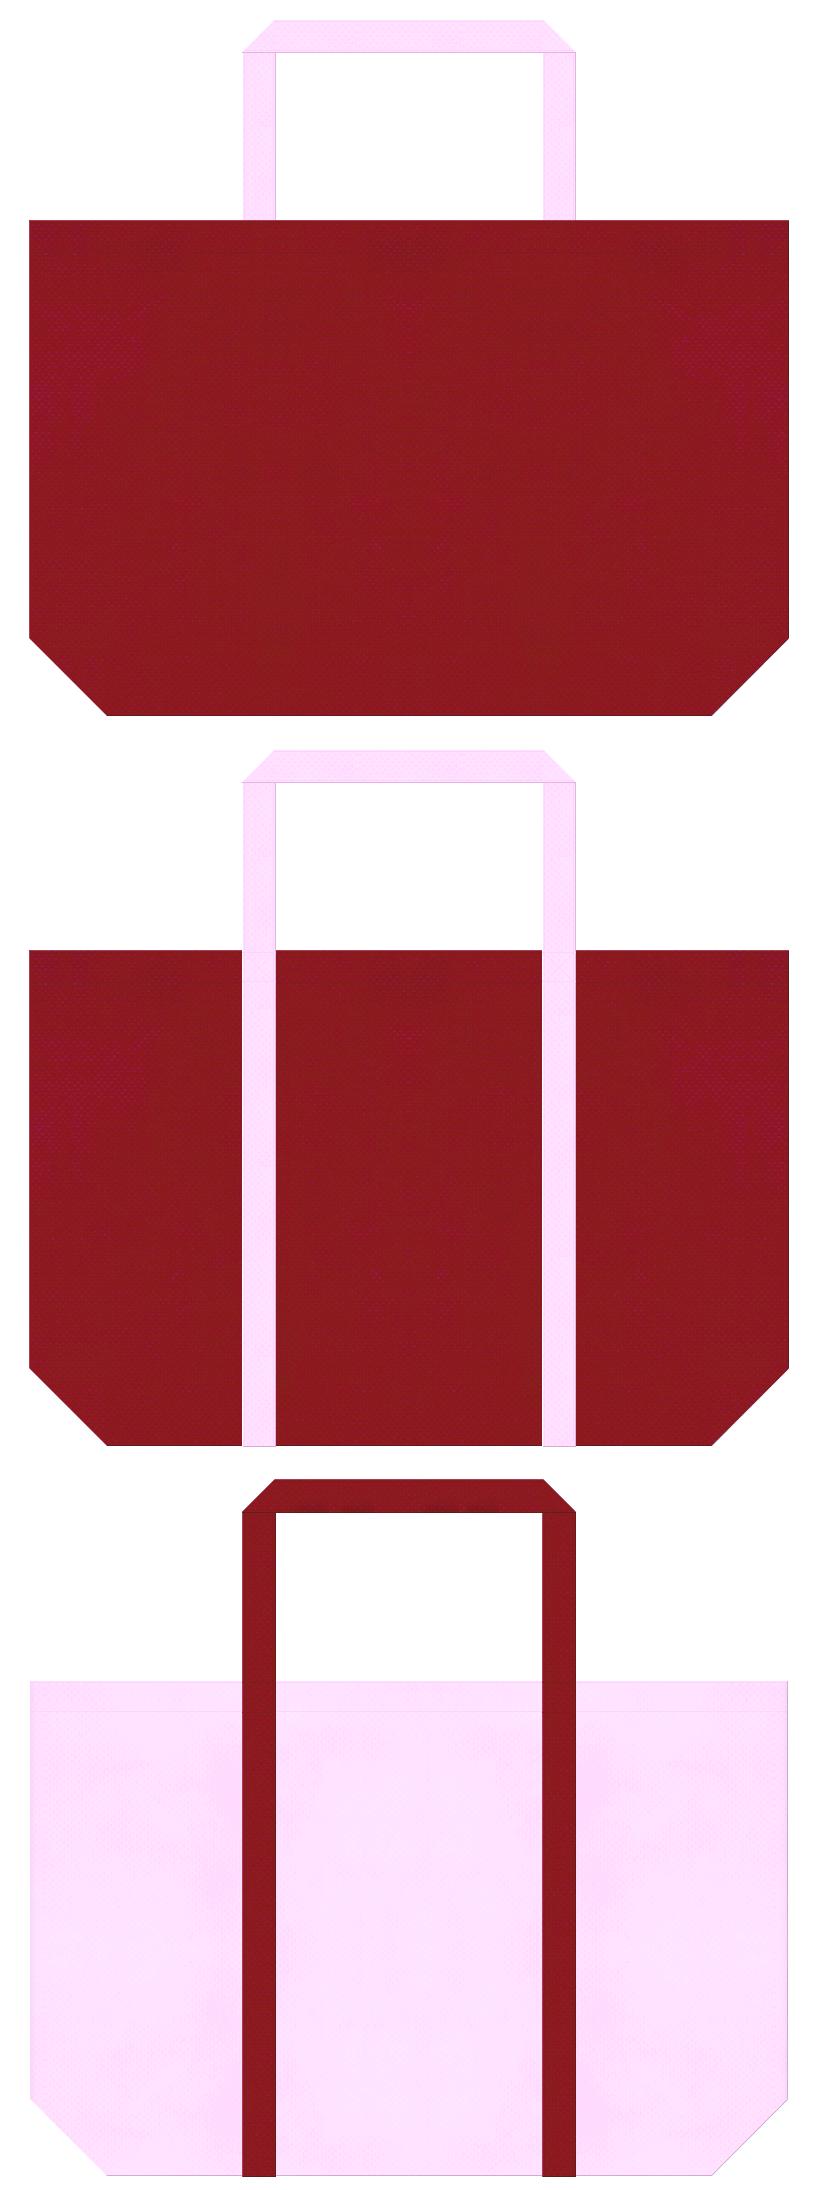 着物・振袖・お花見・お正月・福袋・成人式・ひな祭り・学校・写真館・和雑貨・和風催事にお奨め:エンジ色と明るいピンク色の不織布ショッピングバッグのデザイン